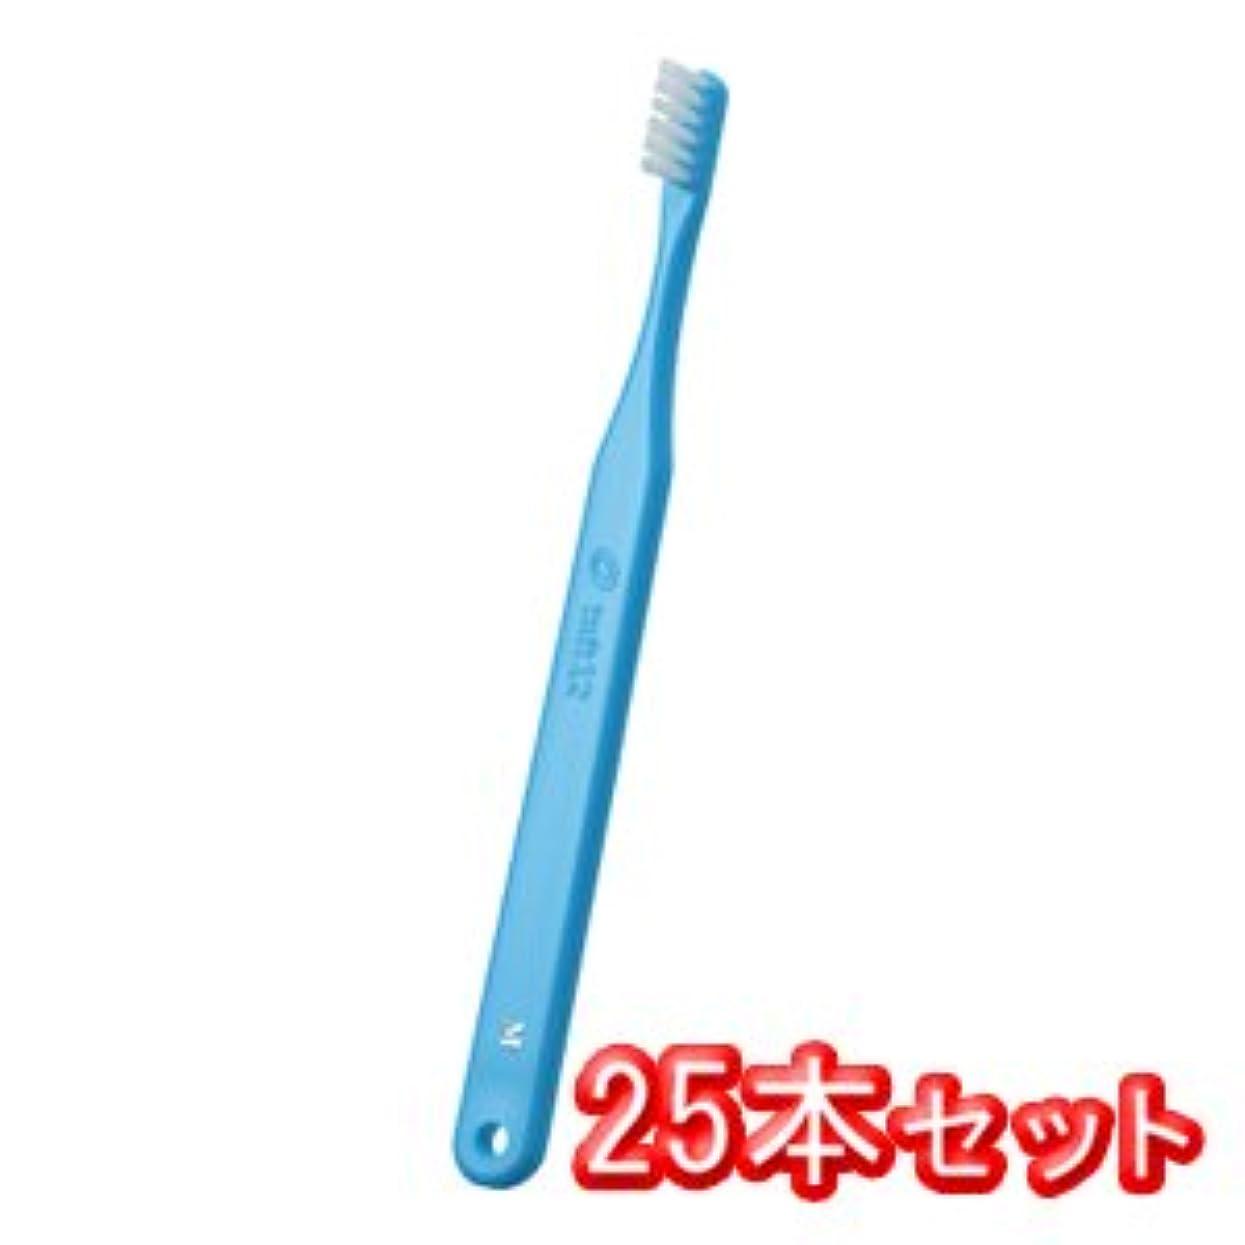 調子一般スクラブオーラルケア タフト12 歯ブラシ 25本入 ミディアム M ブルー